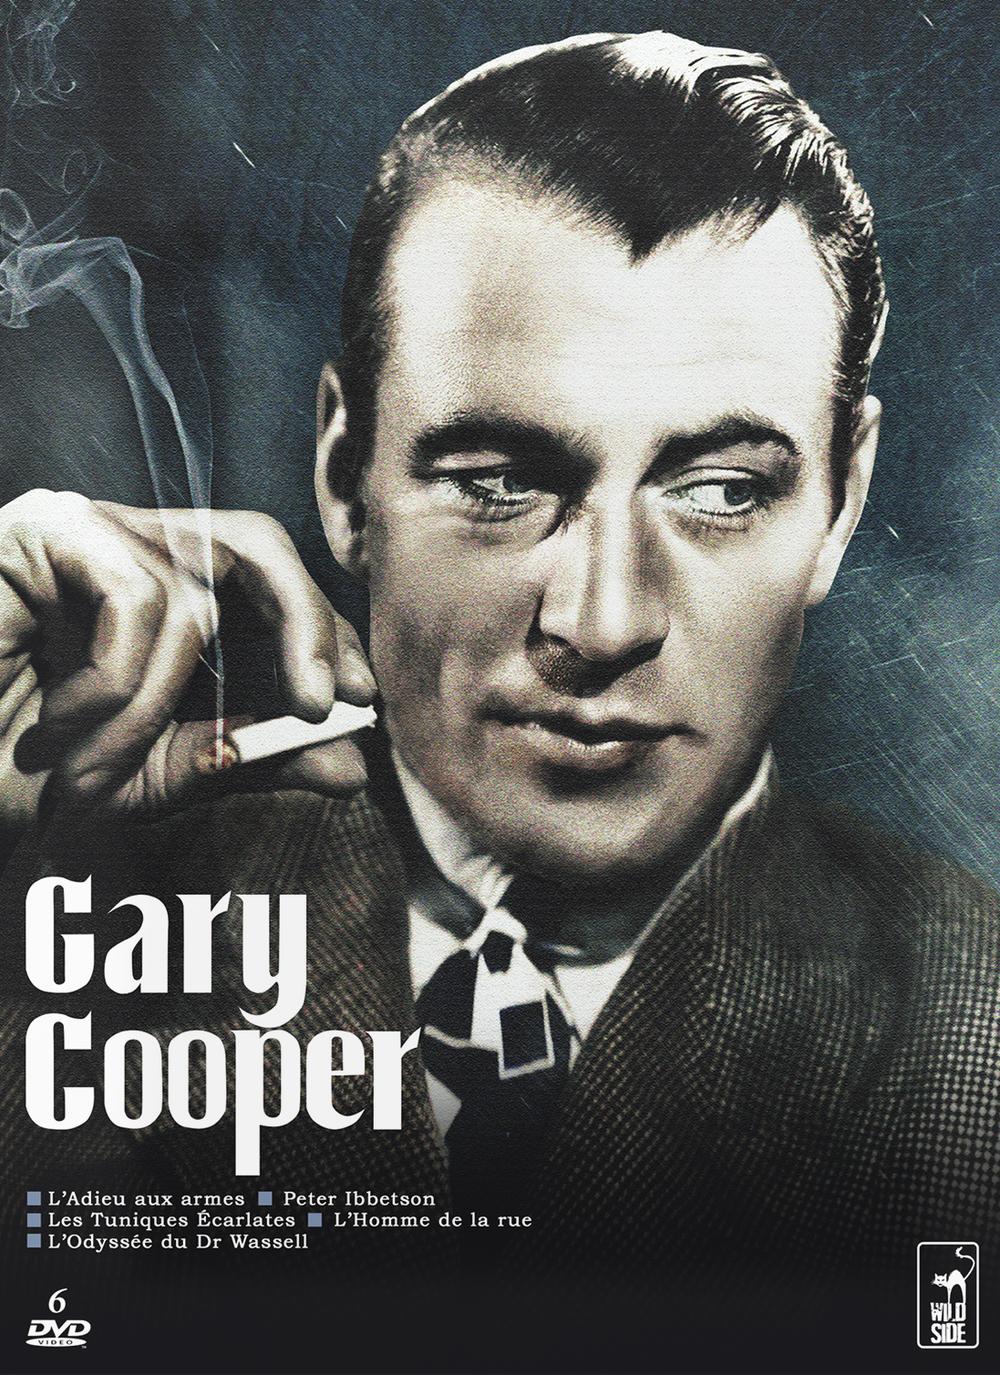 silentnoise - Gary Cooper